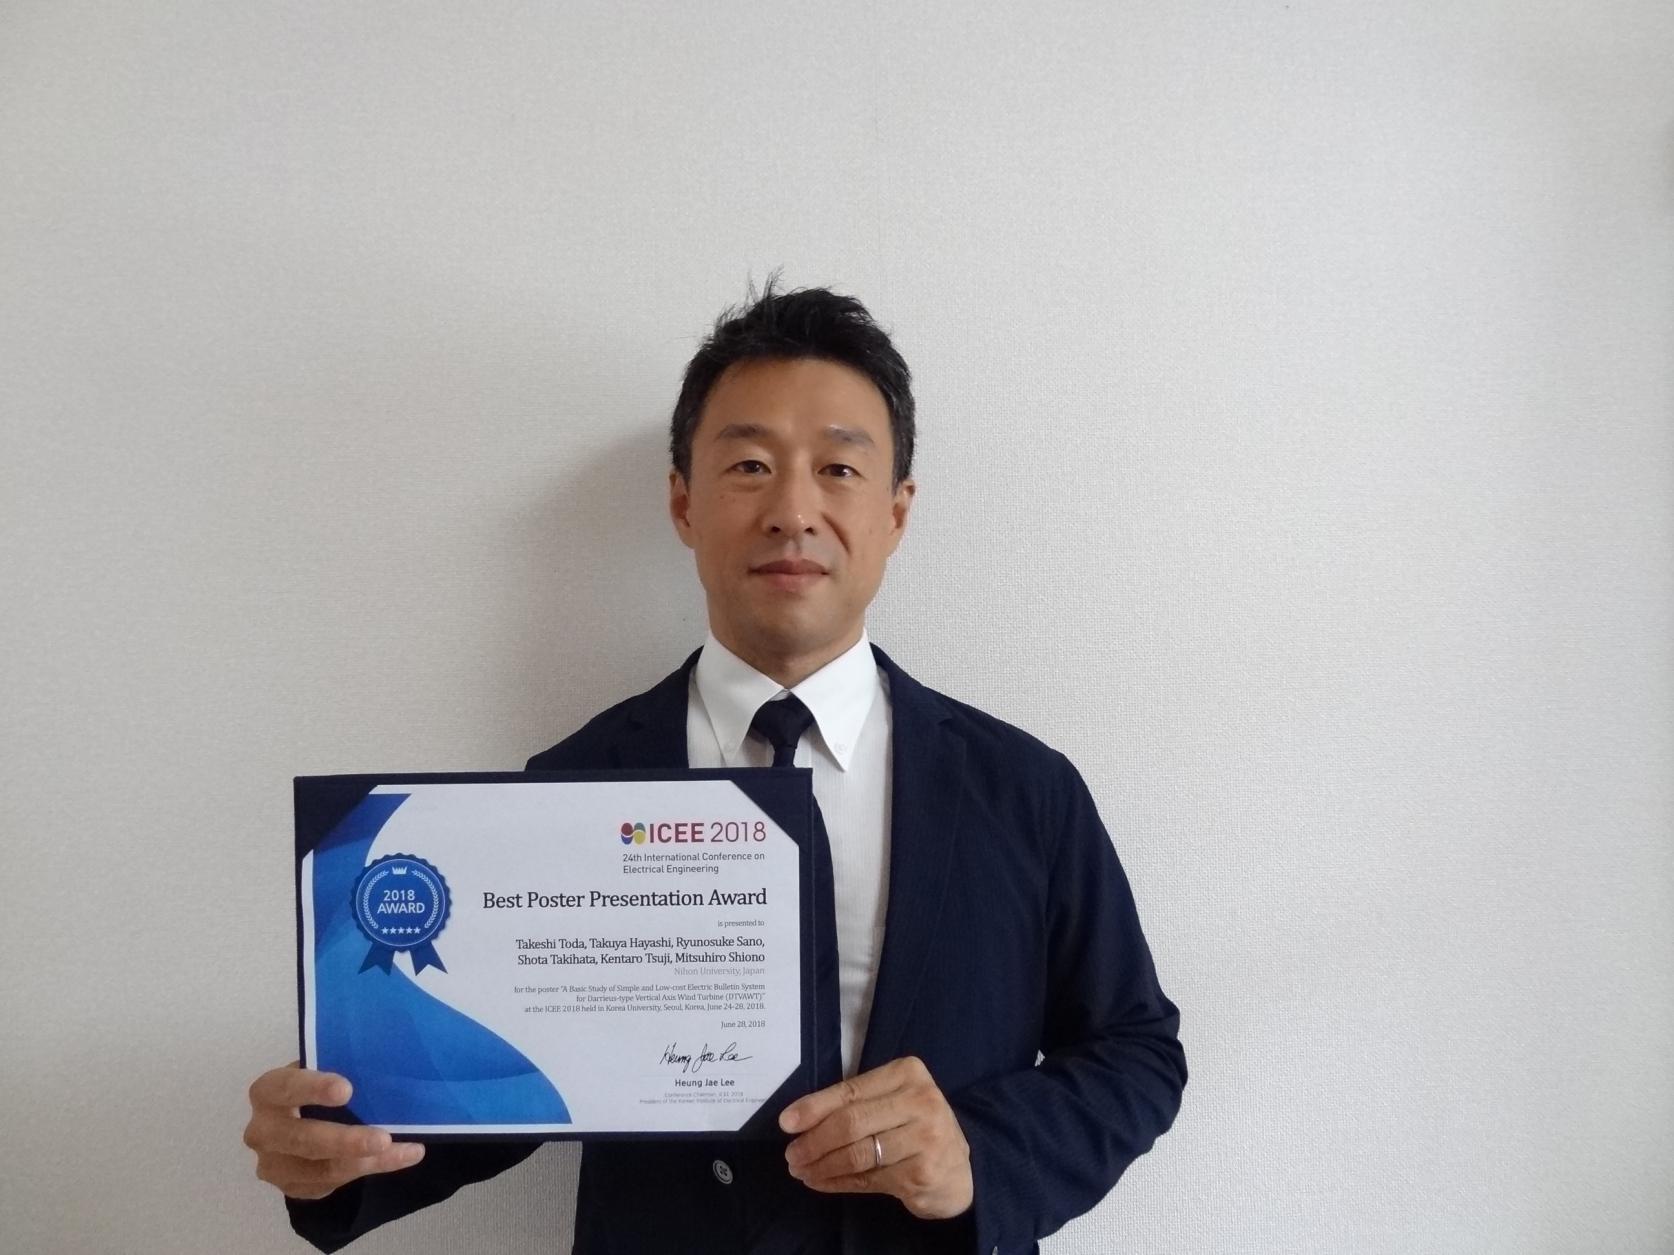 電気工学科の戸田健准教授が24th International Conference on Electrical Engineering (ICEE2018)において最優秀ポスター発表賞を受賞しました。